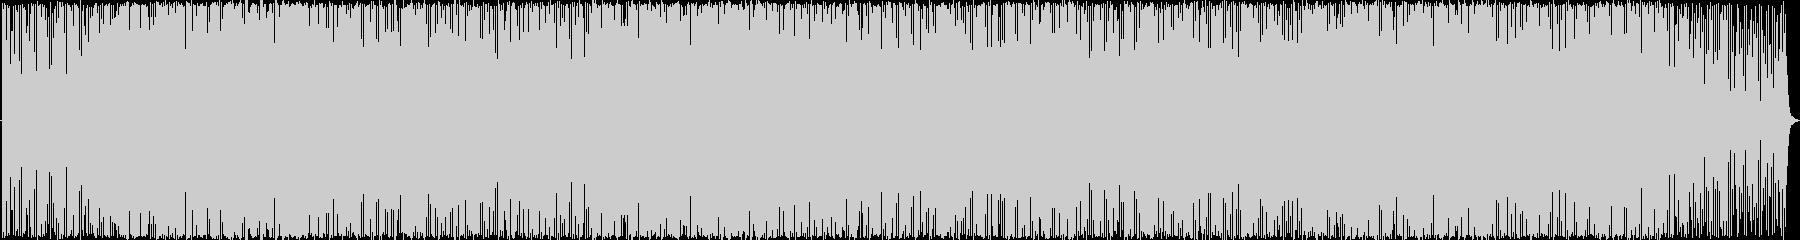 フュージョン サスペンス 説明的 ...の未再生の波形